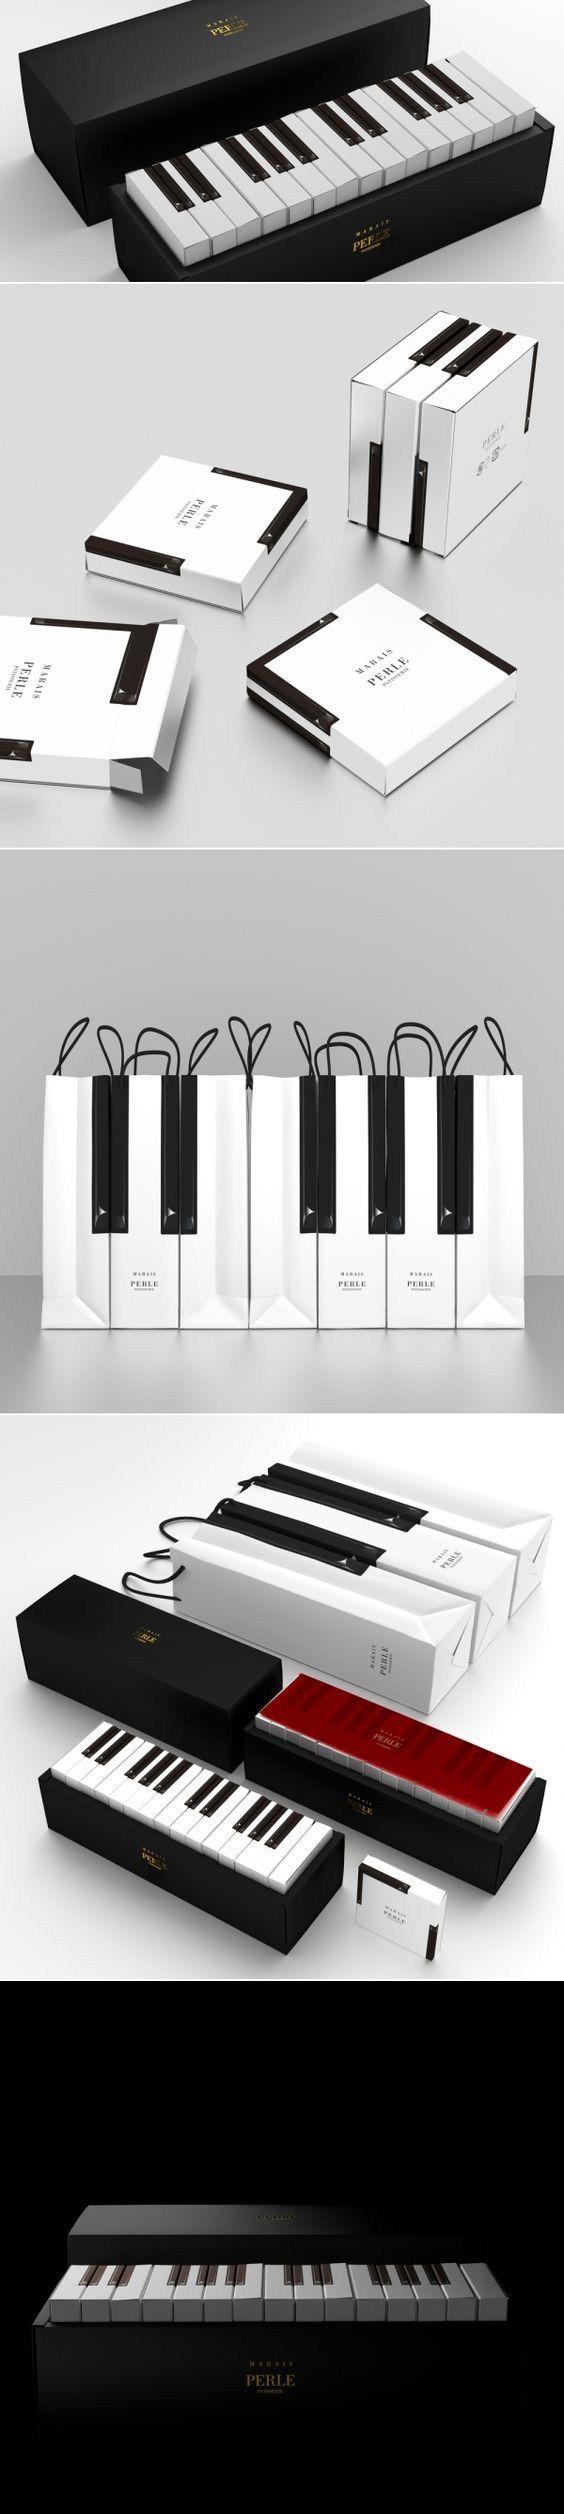 パッケージとは日常生活で手に取るグラフィックデザインです。改めて言われると当たり前かもしれませんが、私たちは知…